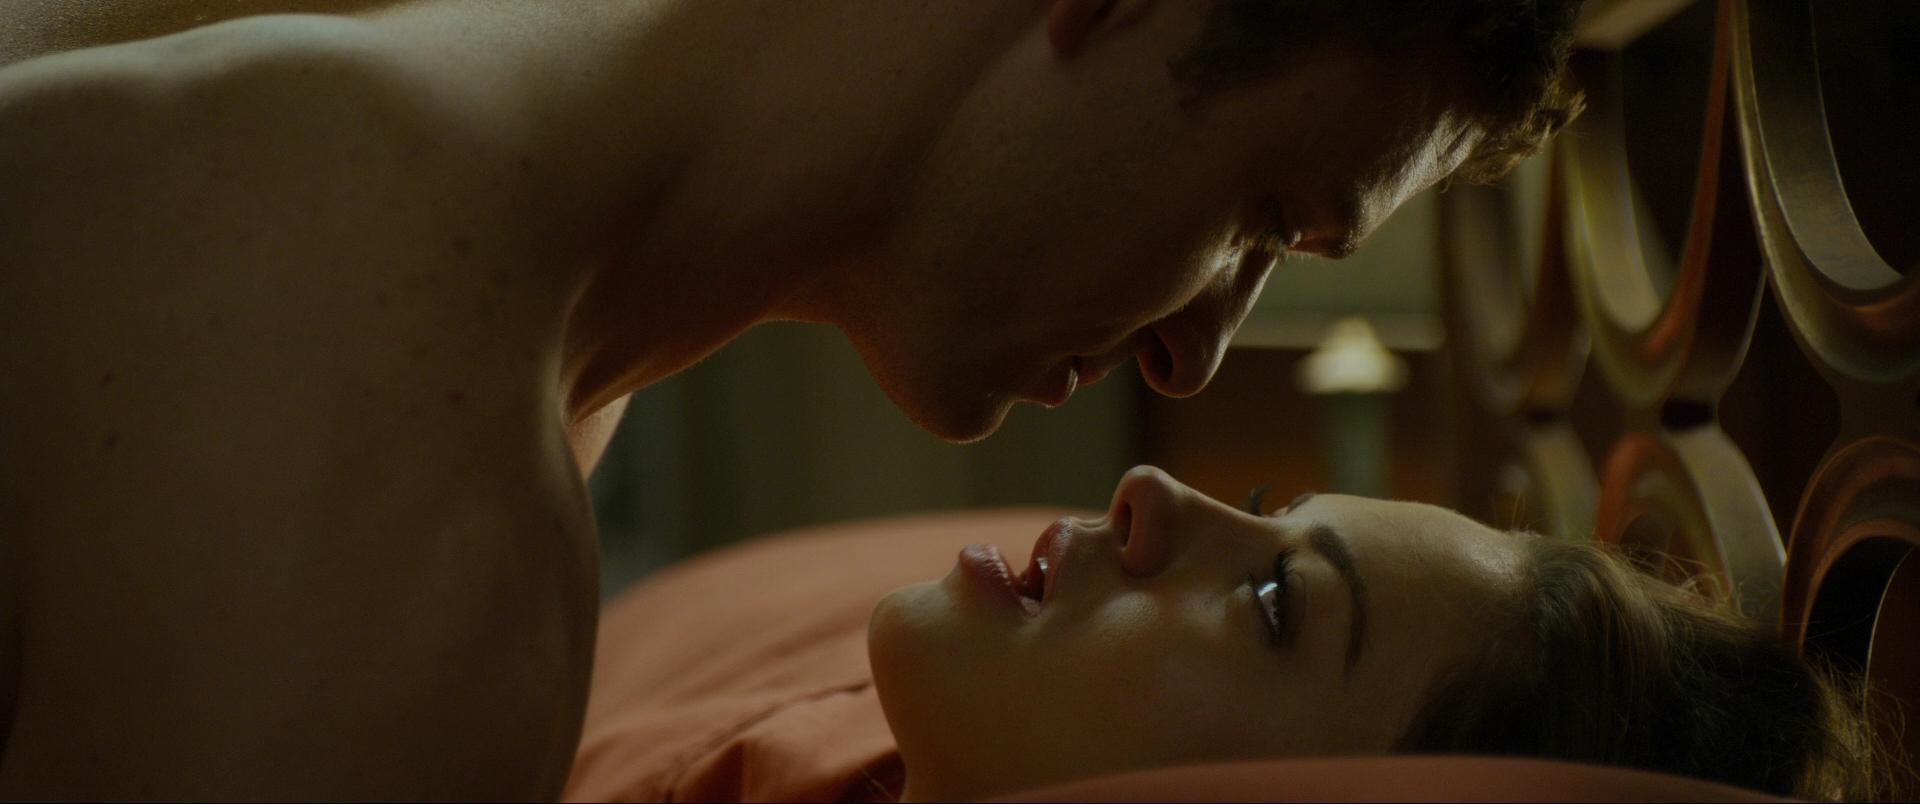 posmotret-film-seks-po-druzhbe